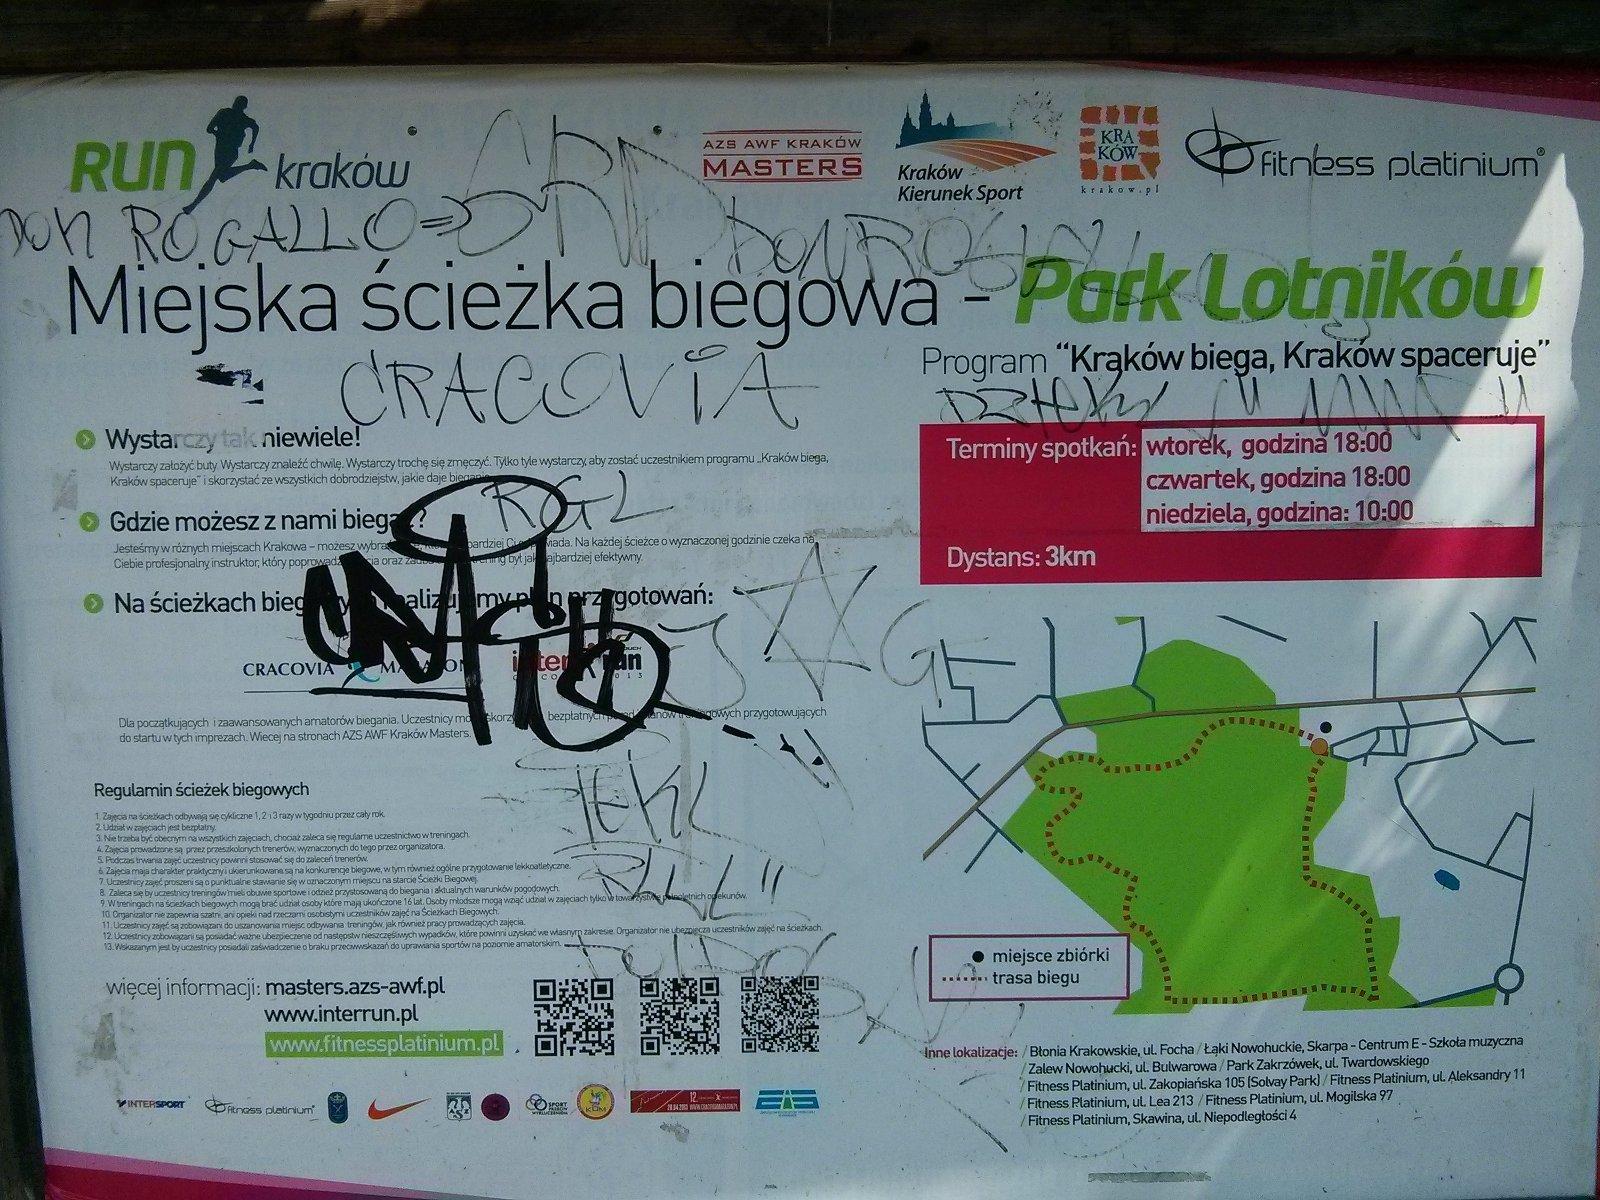 Park Pilotów Polskich i Miejska ścieżka biegowa